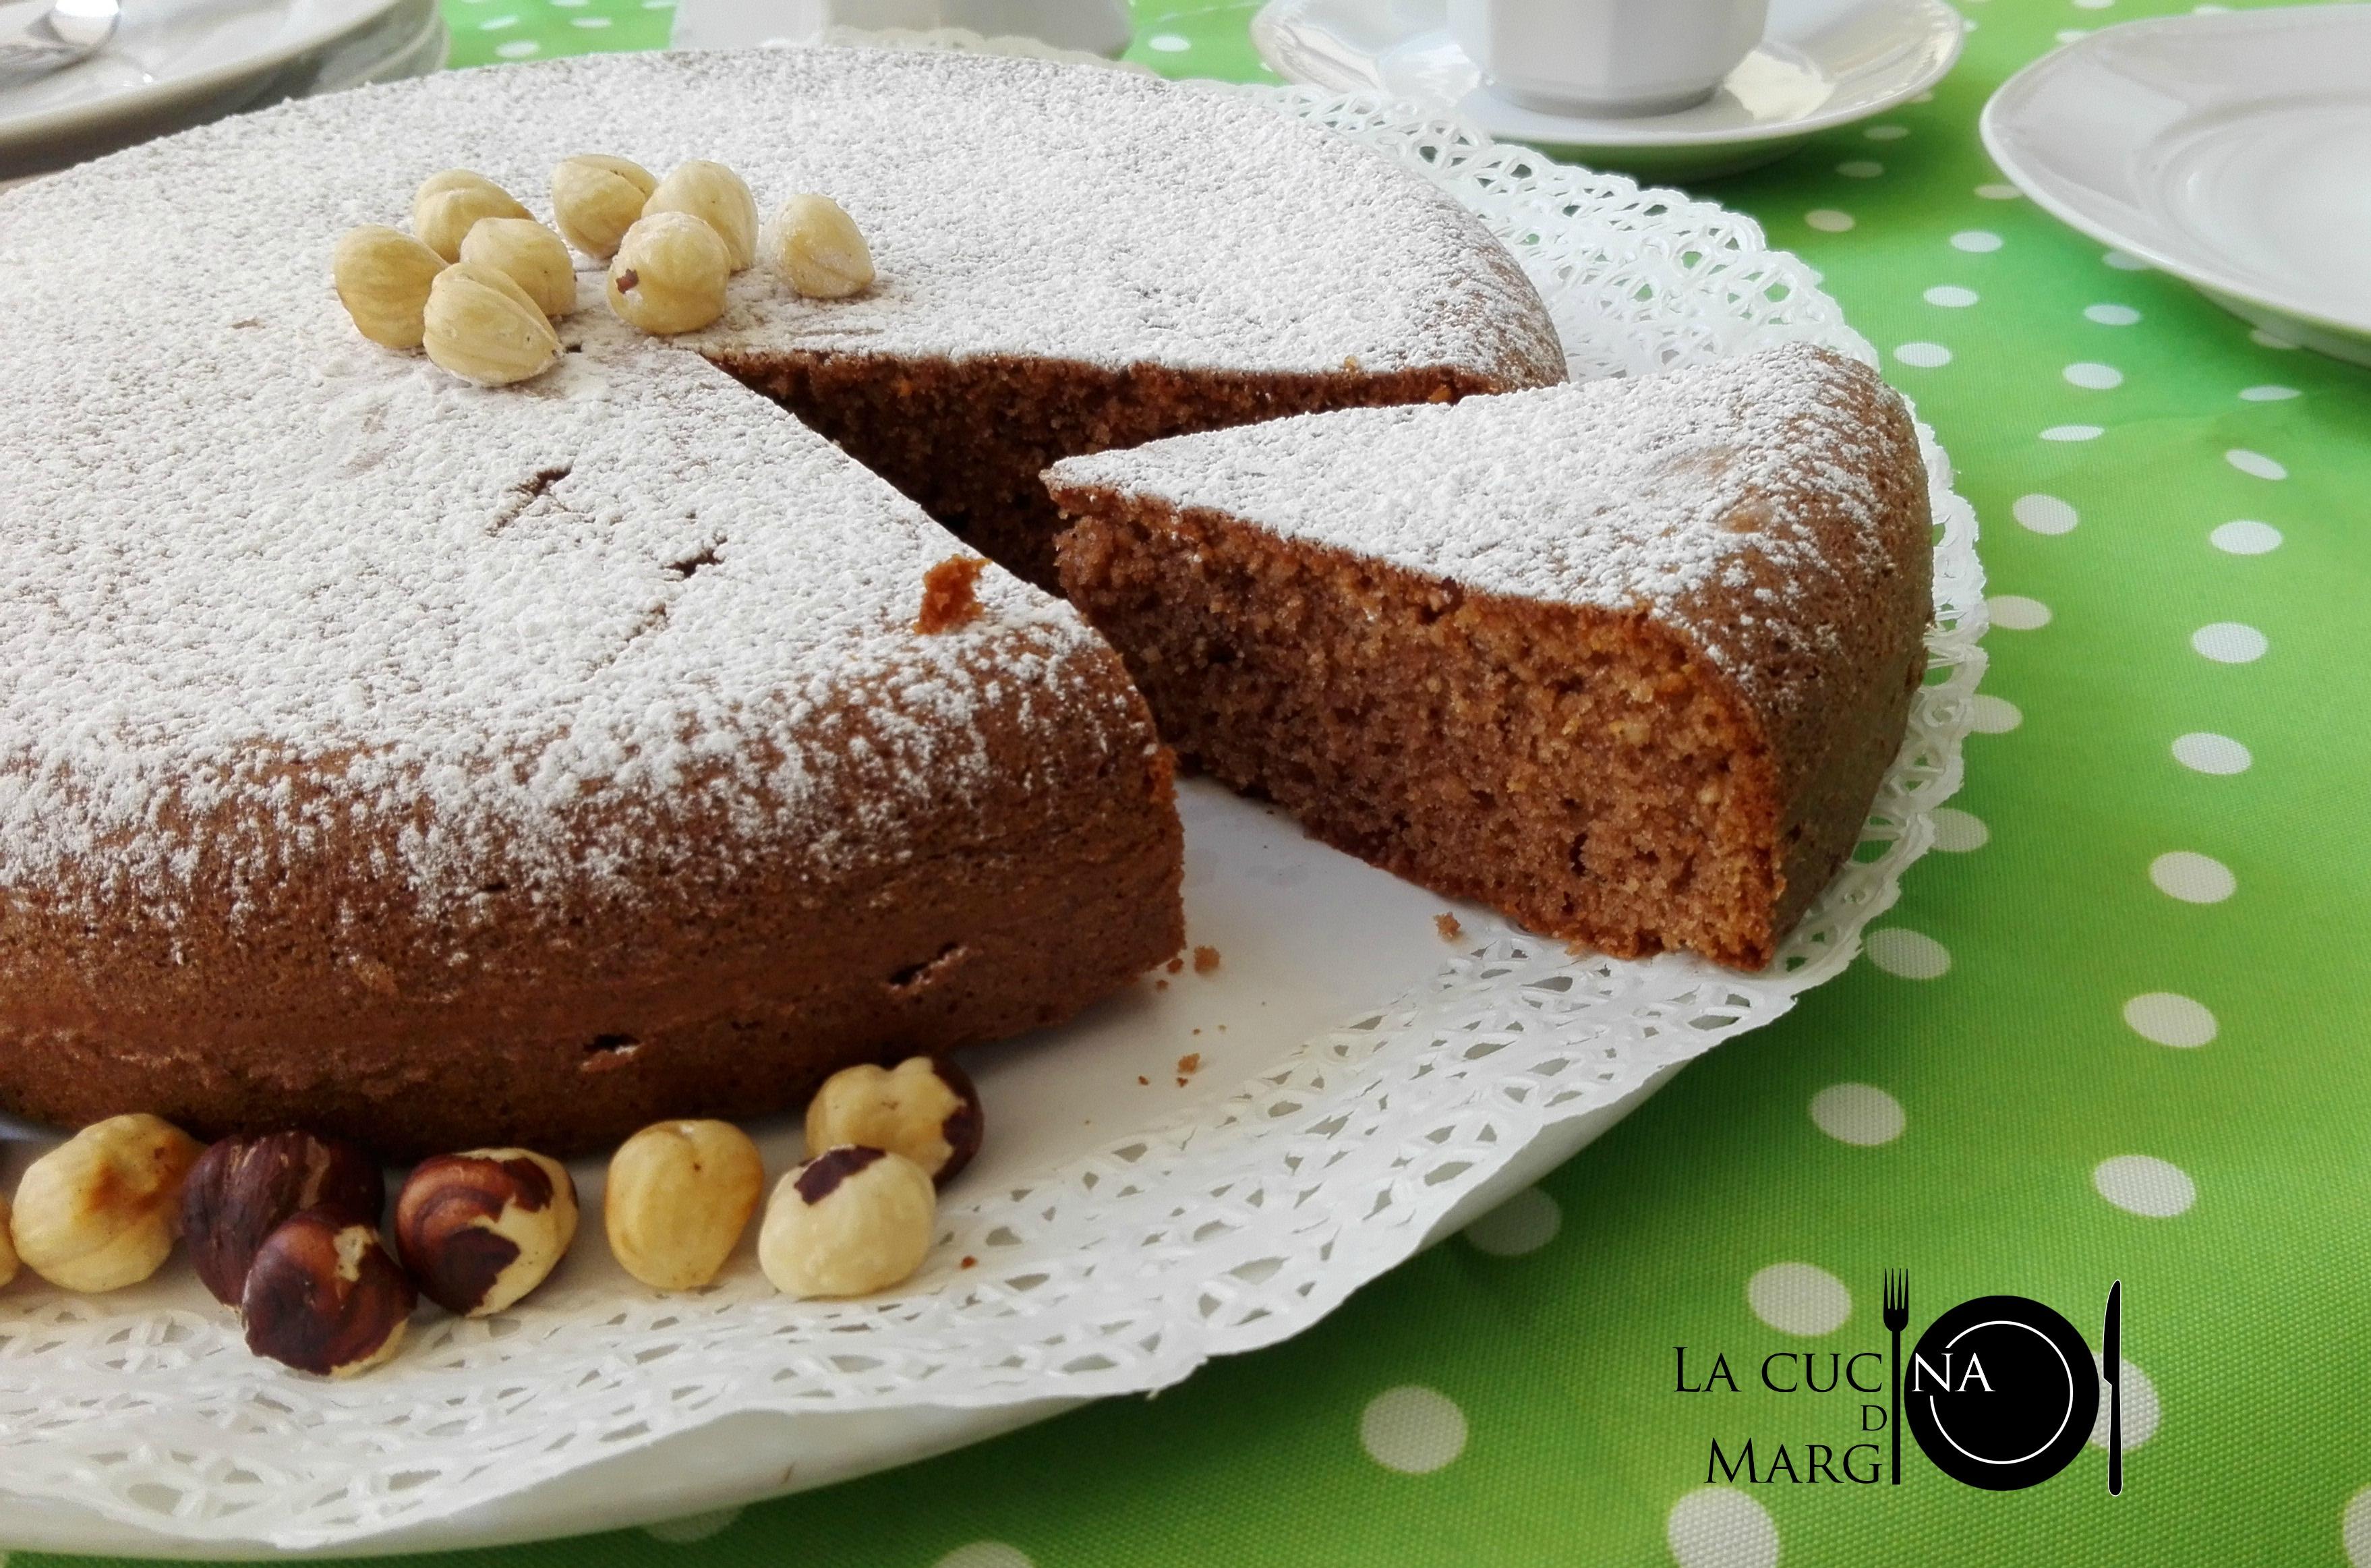 Ricette di torte al cioccolato e nocciole